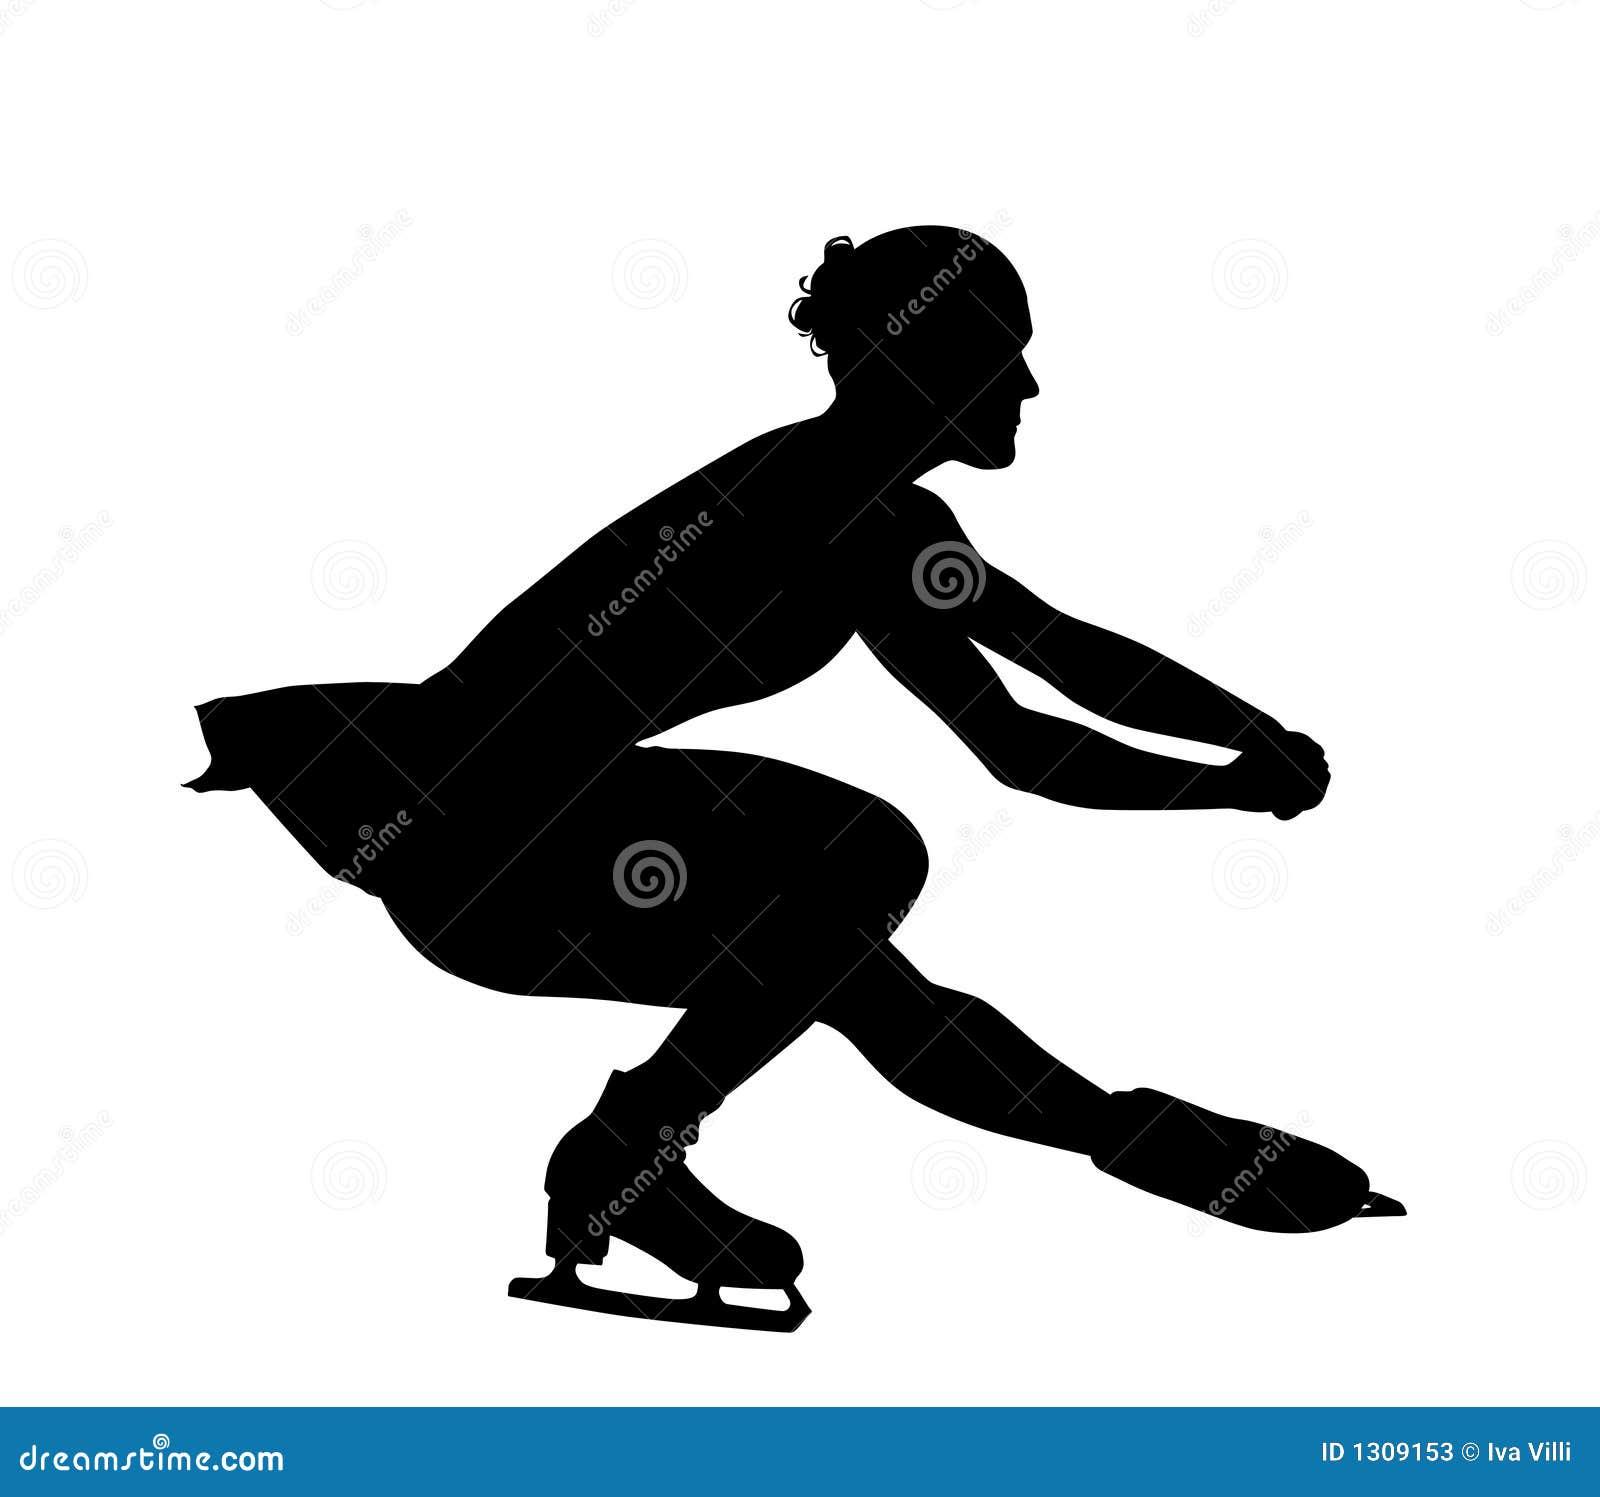 Figure Skating Silhouette Stock Photos - Image: 1309153